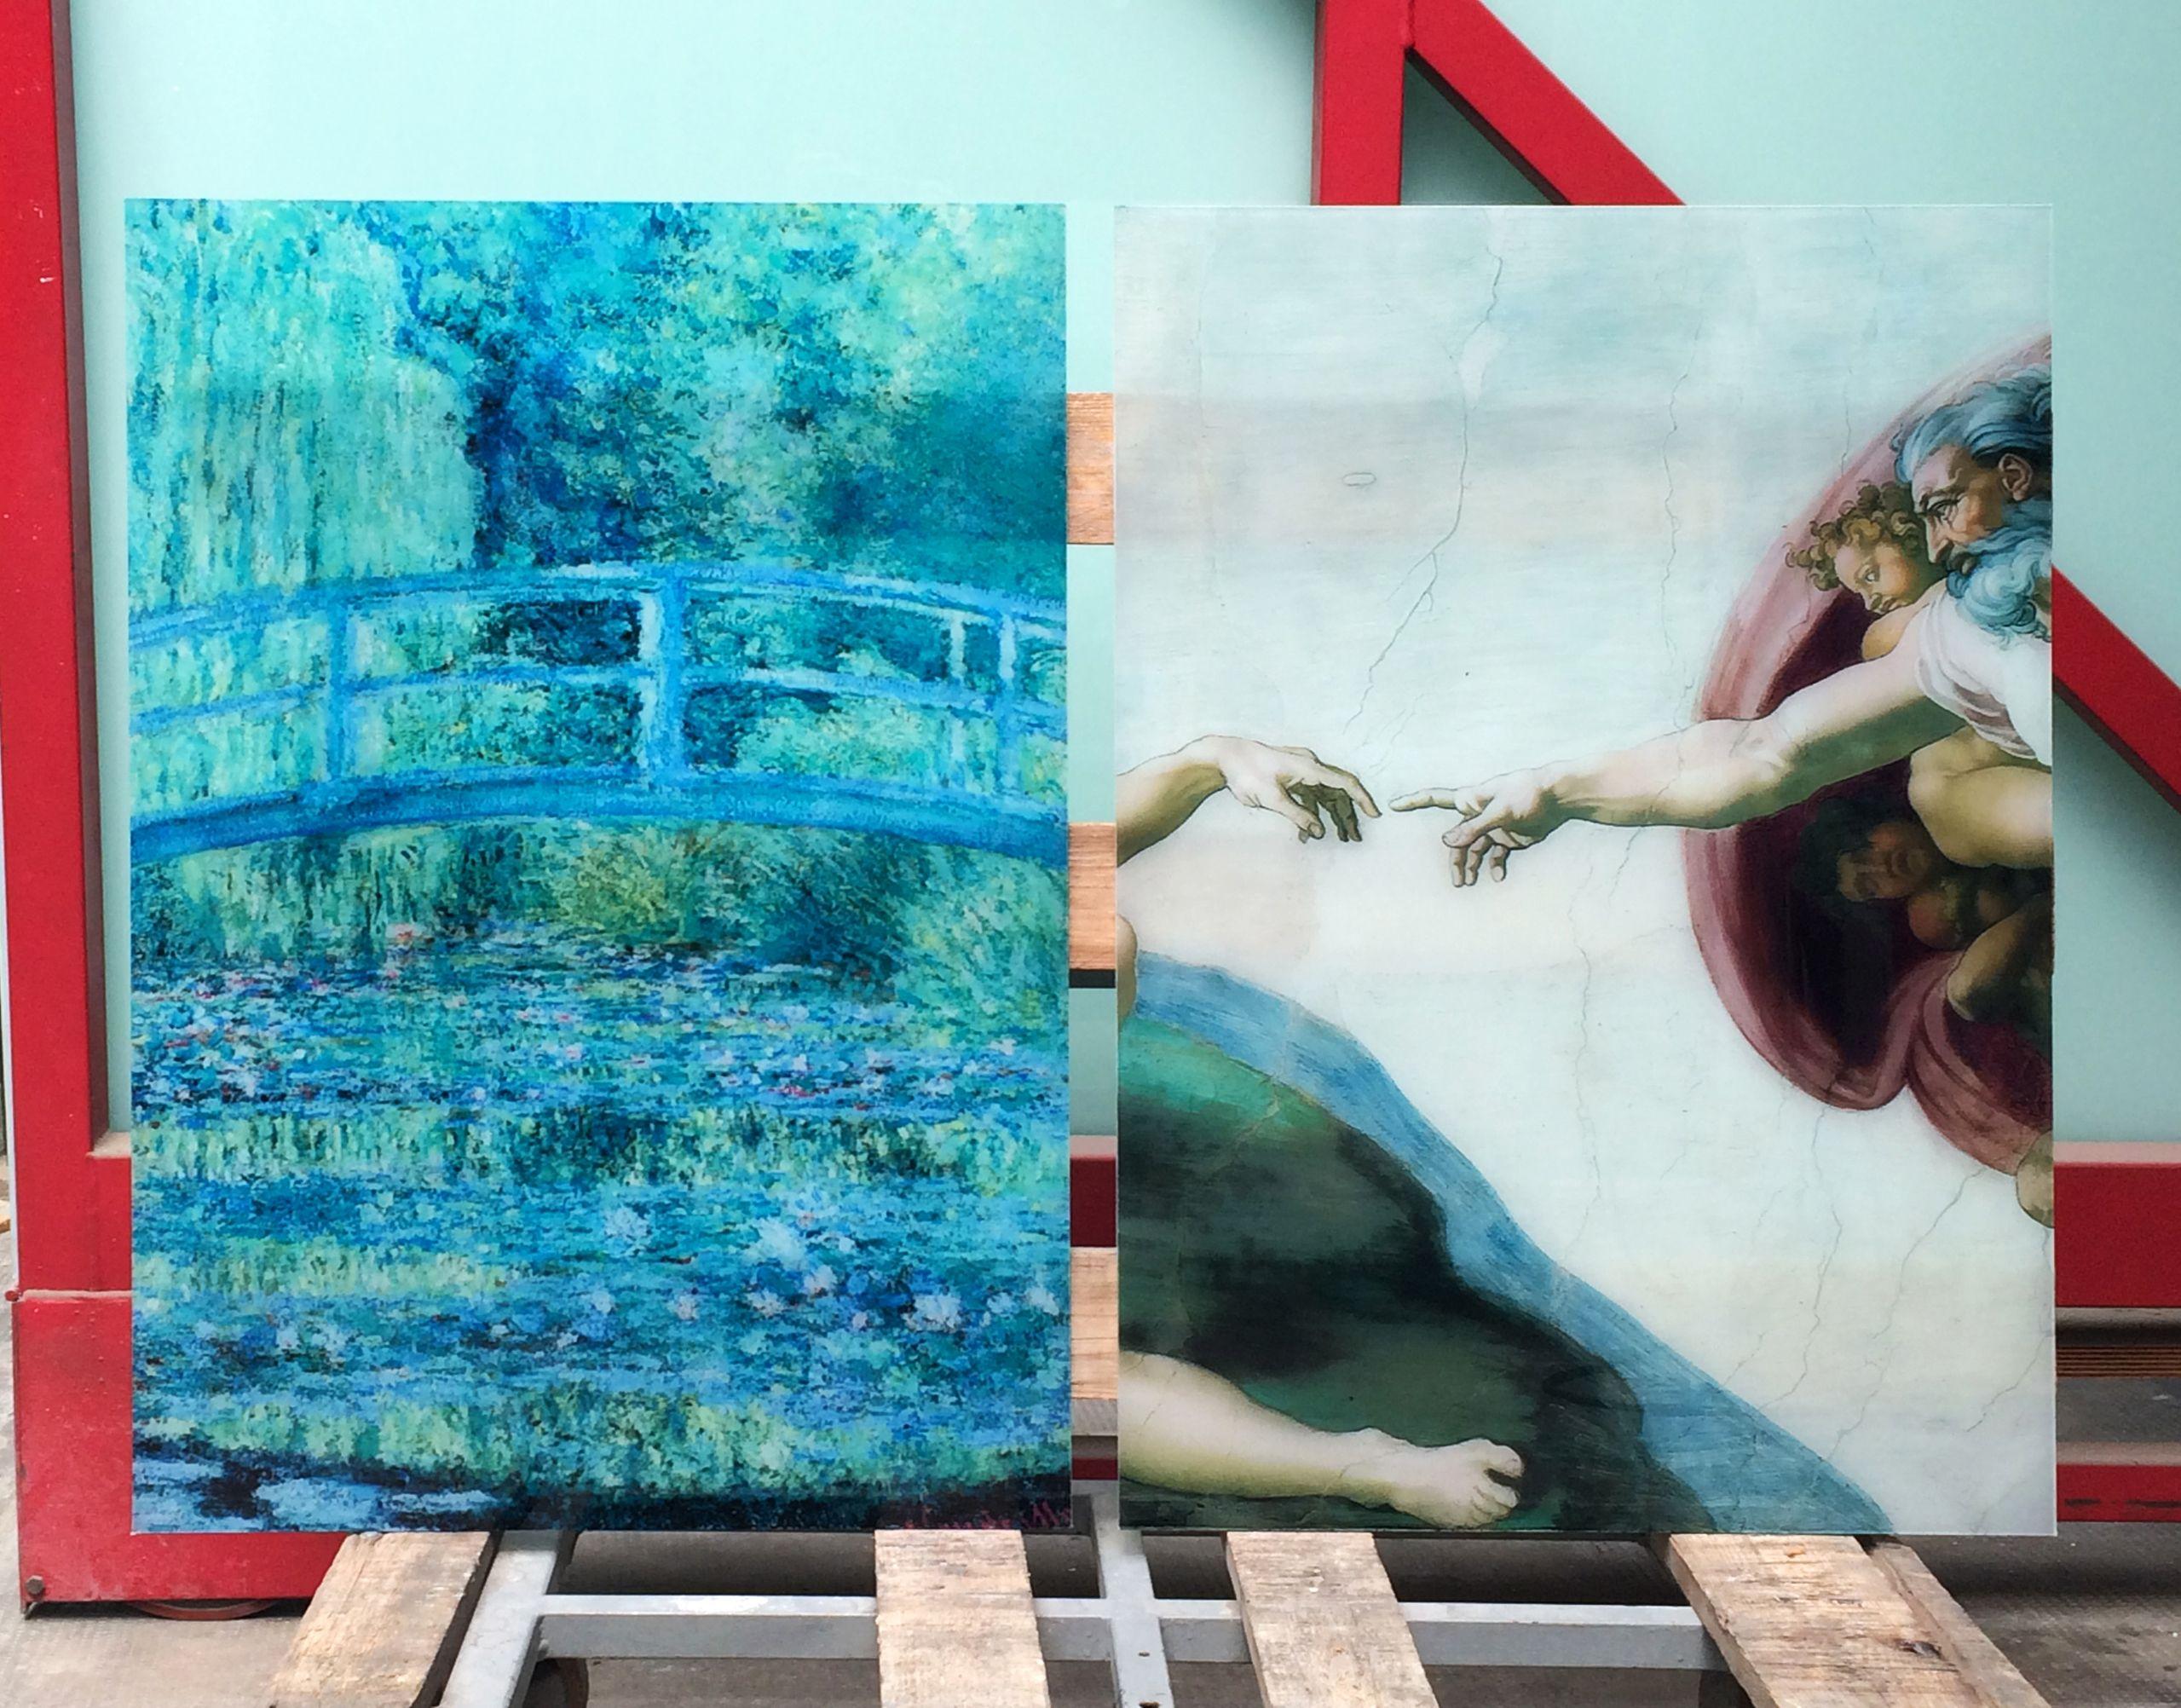 Riproduzione di quadri famosi su vetro stratificato di sicurezza ...